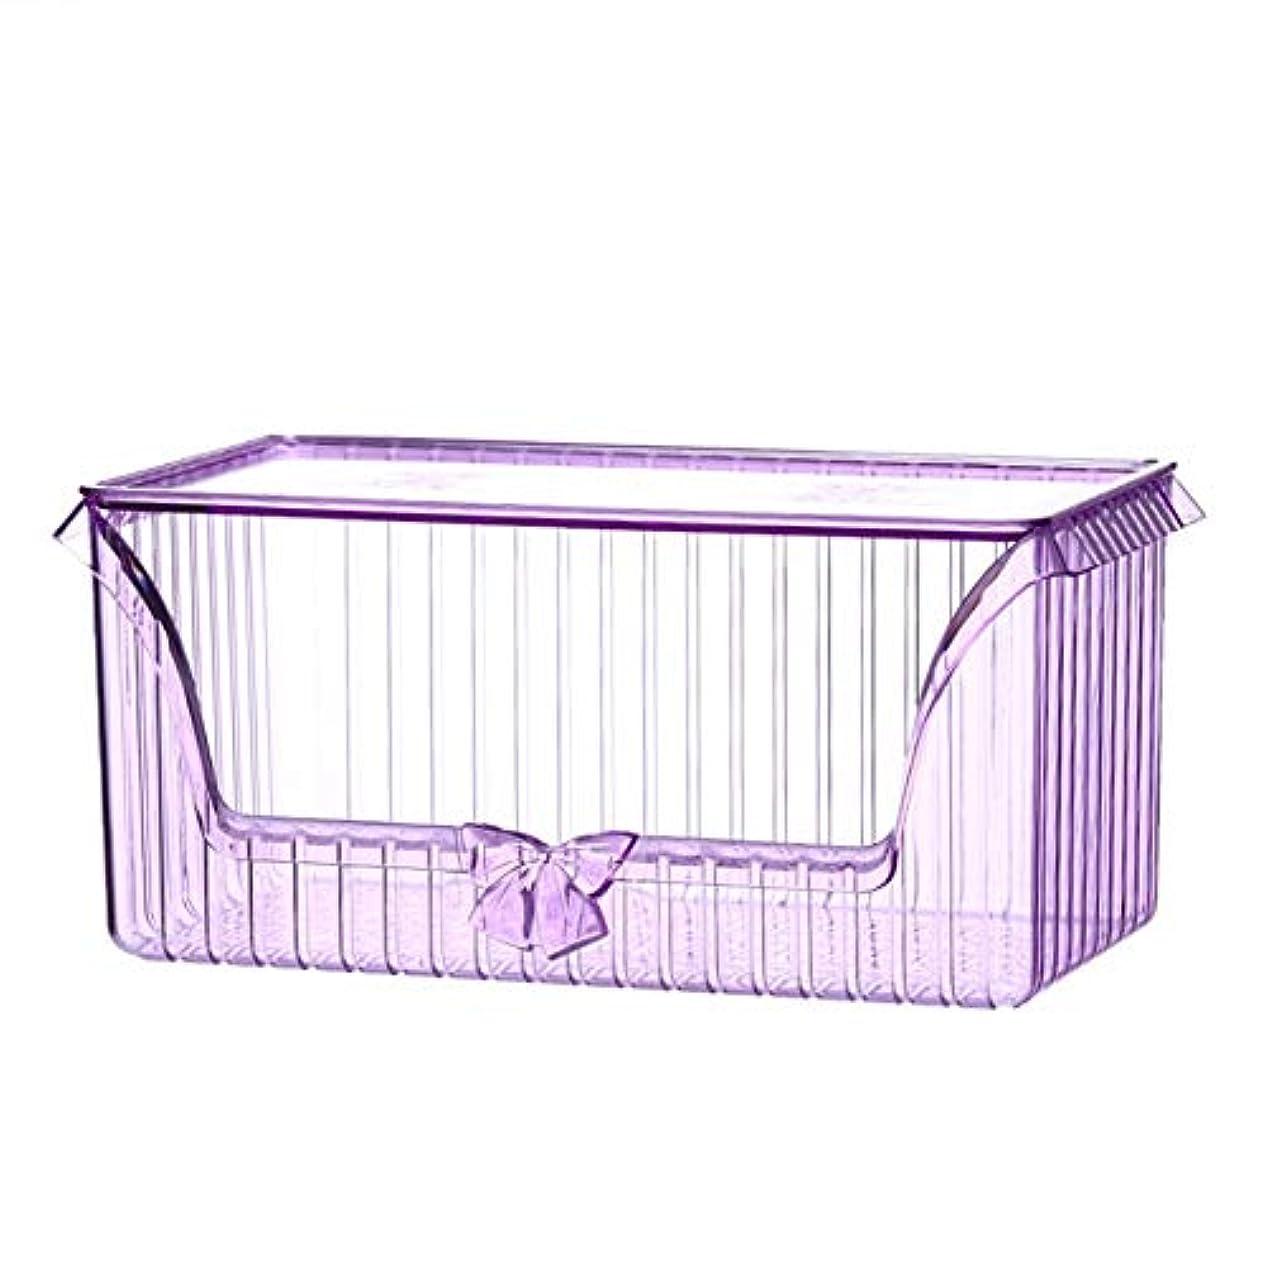 整理簡単 ヴィンテージ化粧品オーガナイザー化粧ディスプレイ収納スタンドホルダージュエリー香水口紅ディバイダーコンテナ引き出し付き大容量ドレッサー寝室の浴室 (色 : 紫の)